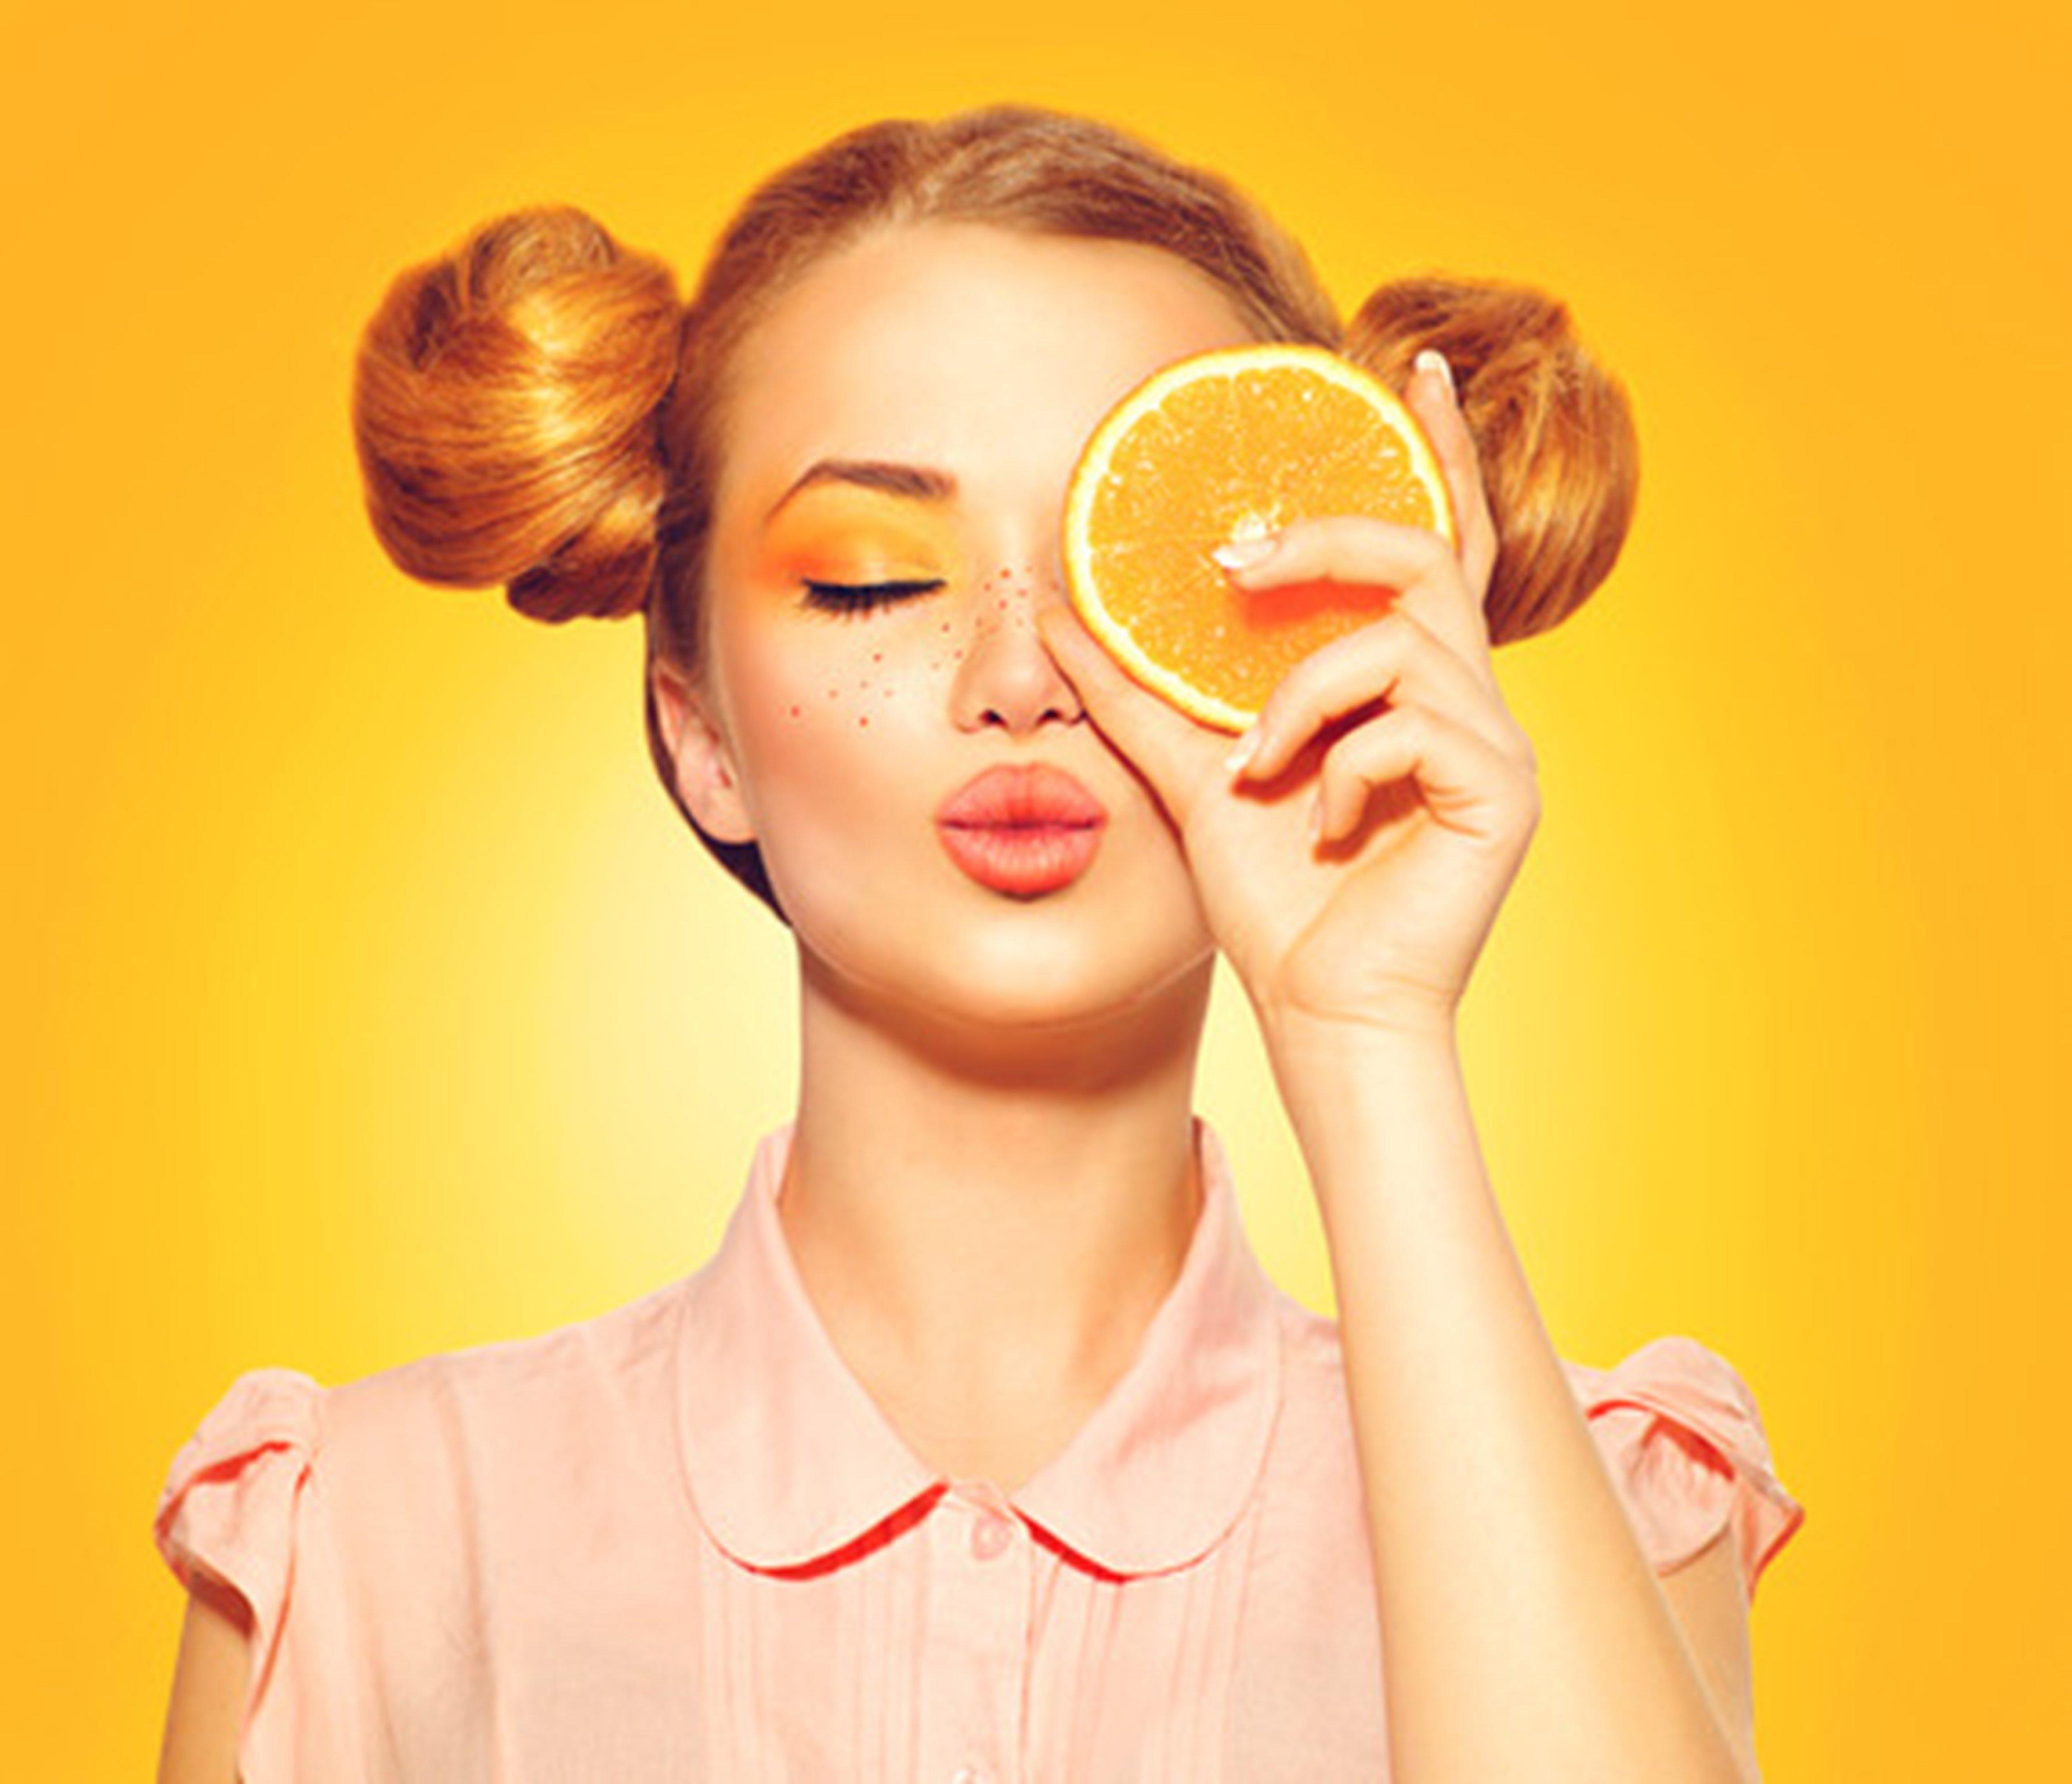 Vitamina C per il viso: quanto è utile e come usarla correttamente? Tutti i segreti!